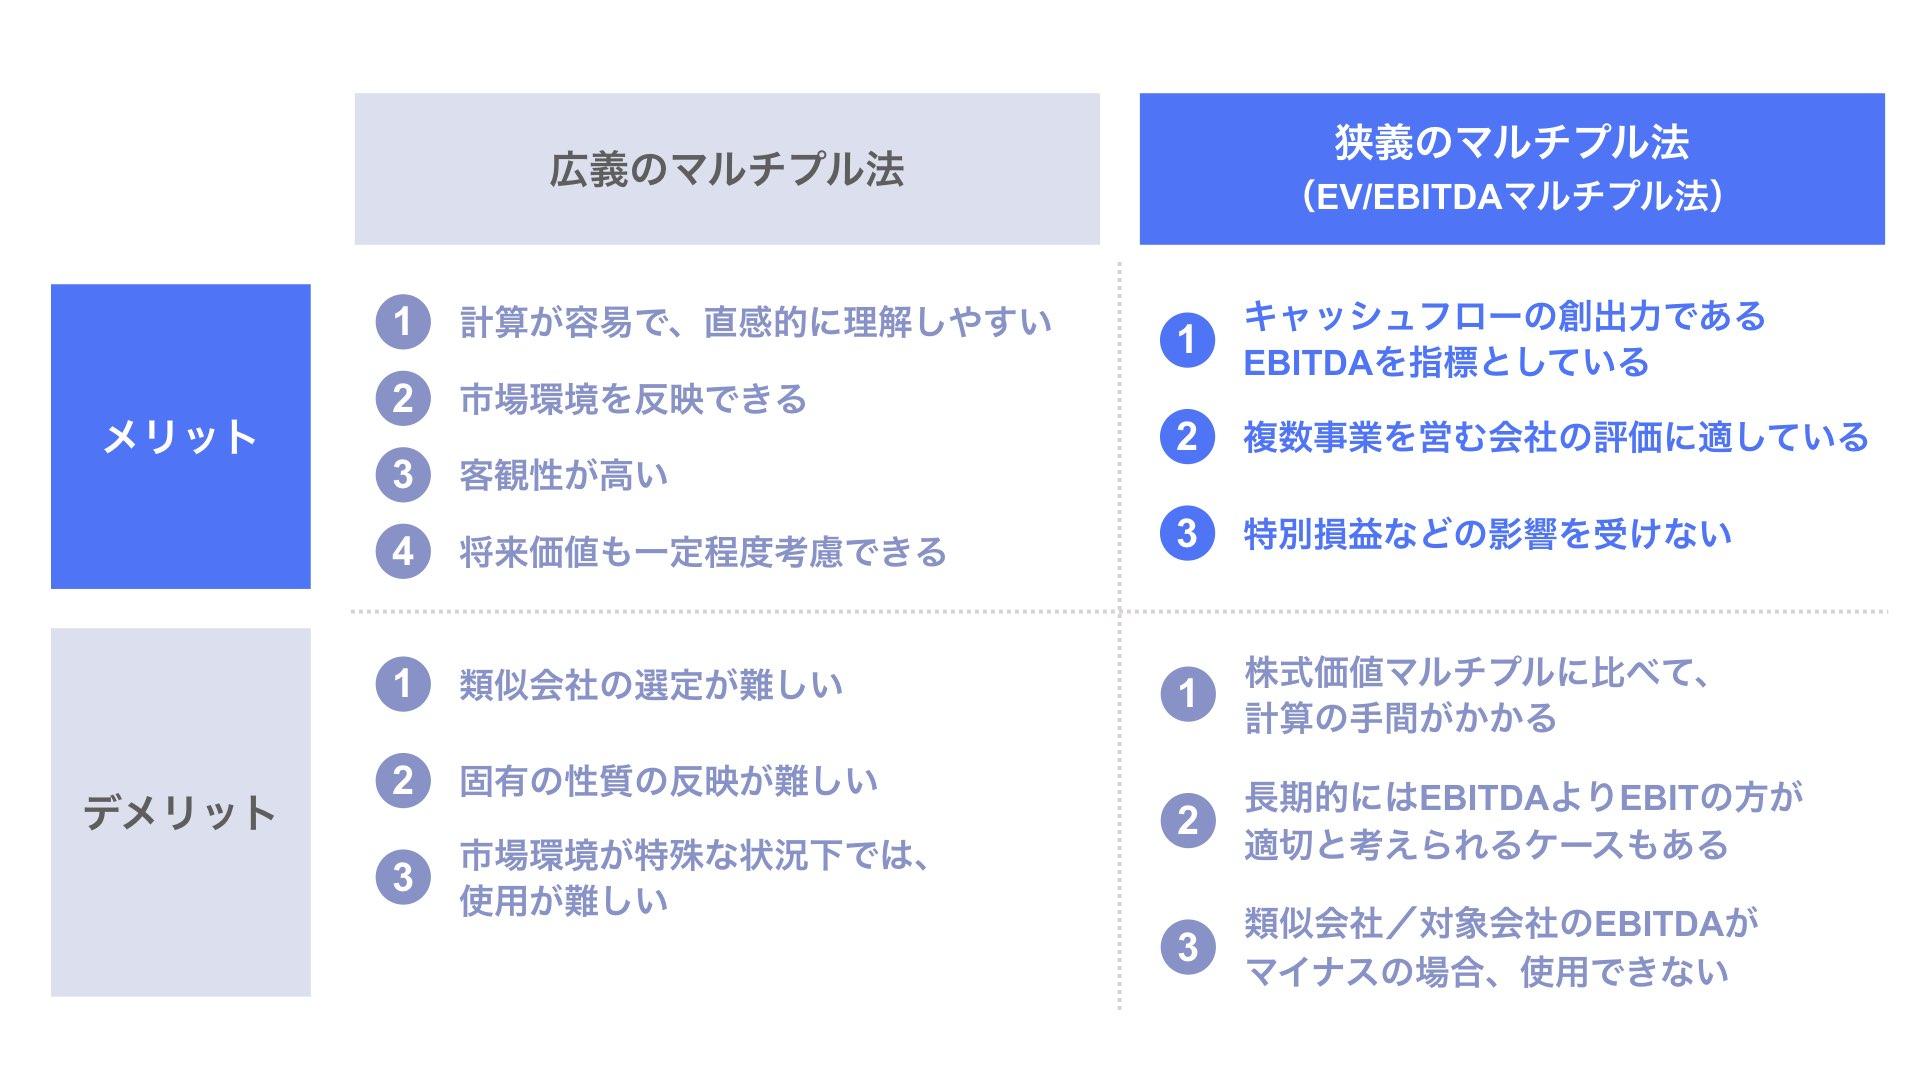 狭義のマルチプル法(EV/EBITDAマルチプル法)のメリット